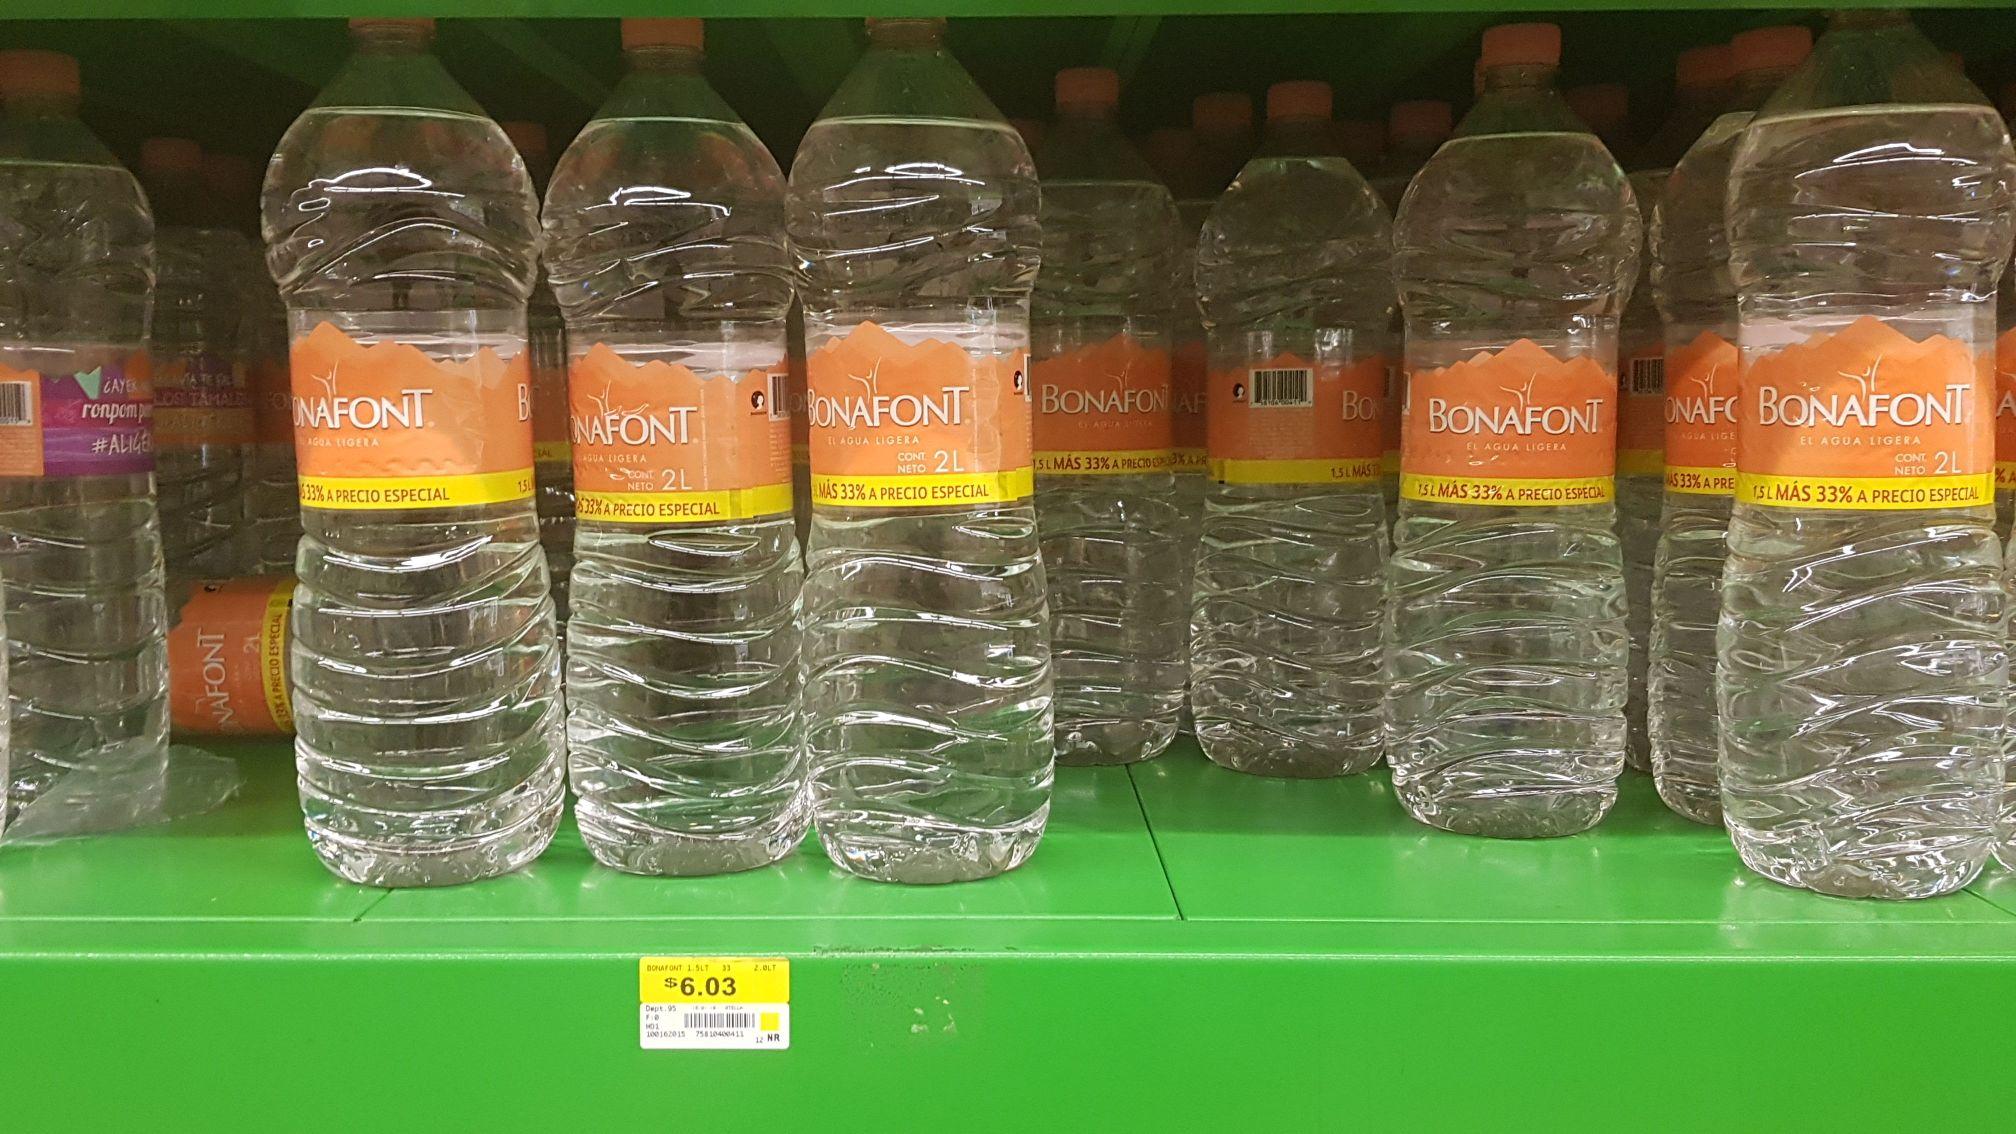 Bodega Aurrerá: Agua Bonafont de 2lt a $6.03